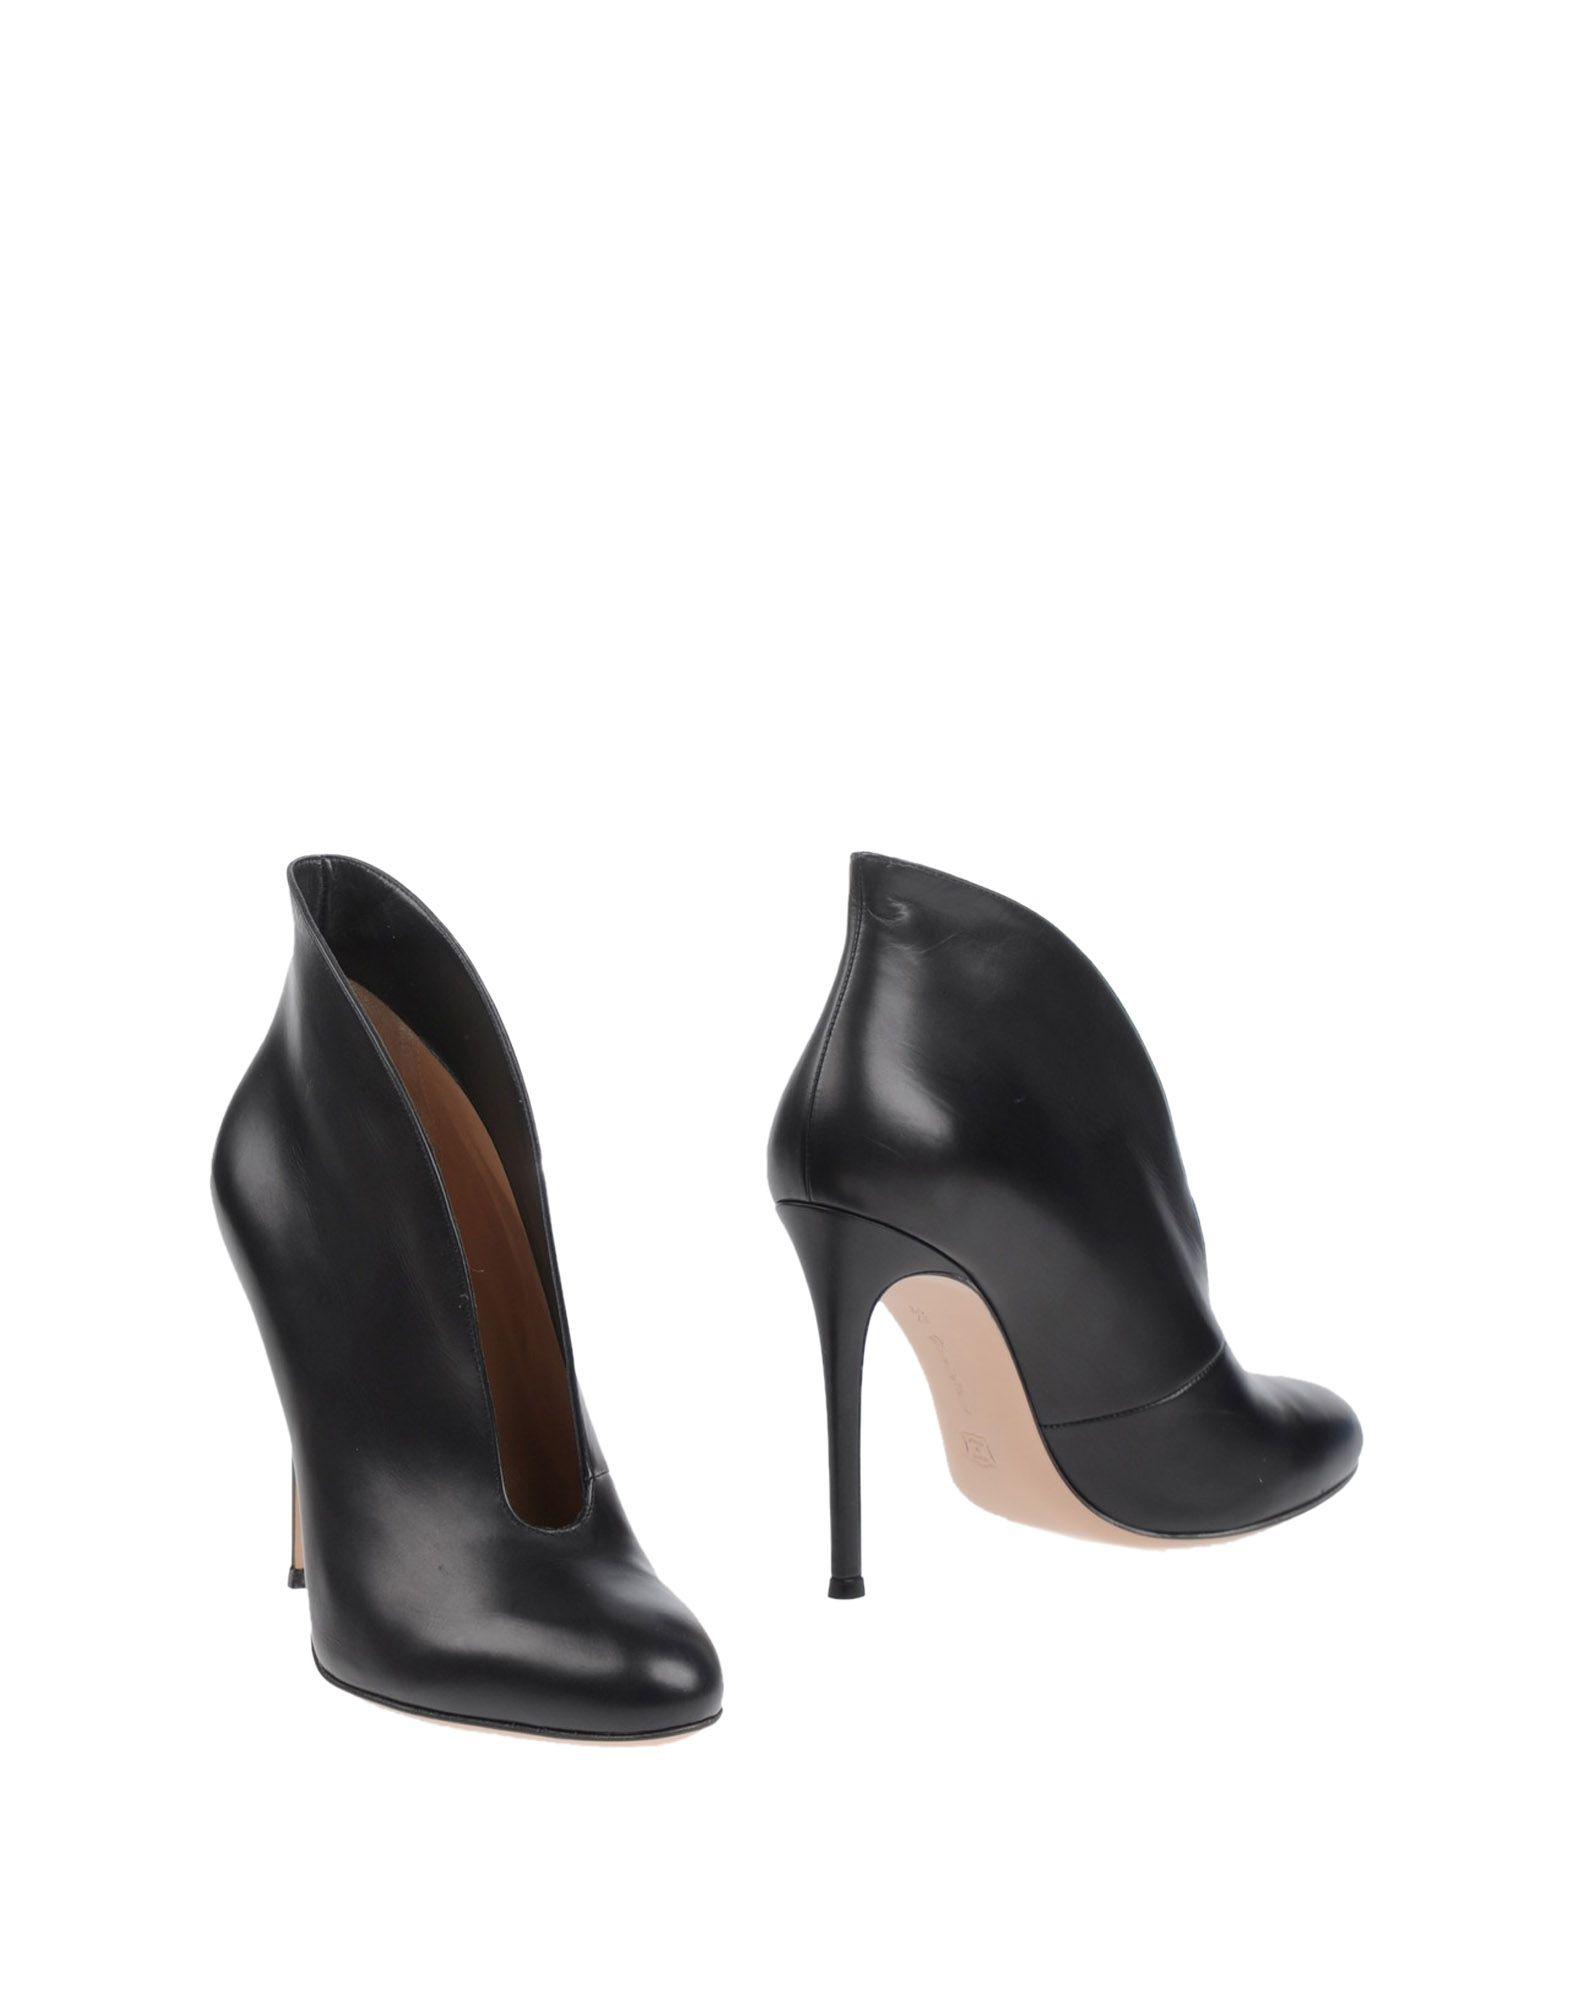 Gianvito Rossi Stiefelette Damen  Schuhe 11152125GB Beliebte Schuhe  fc09f7